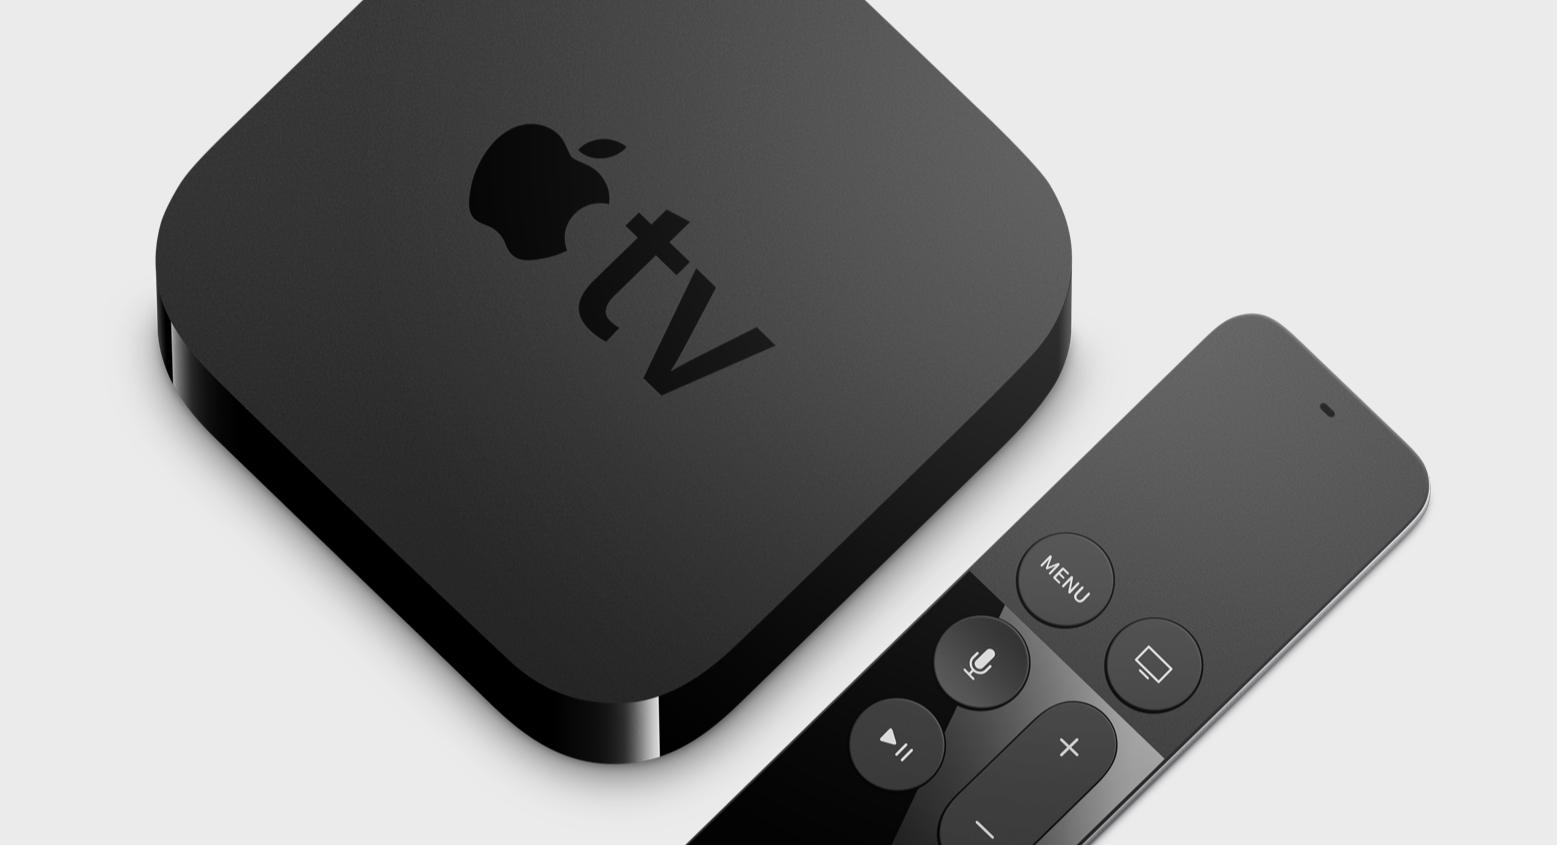 Разработчики получили новые Apple TV для тестирования